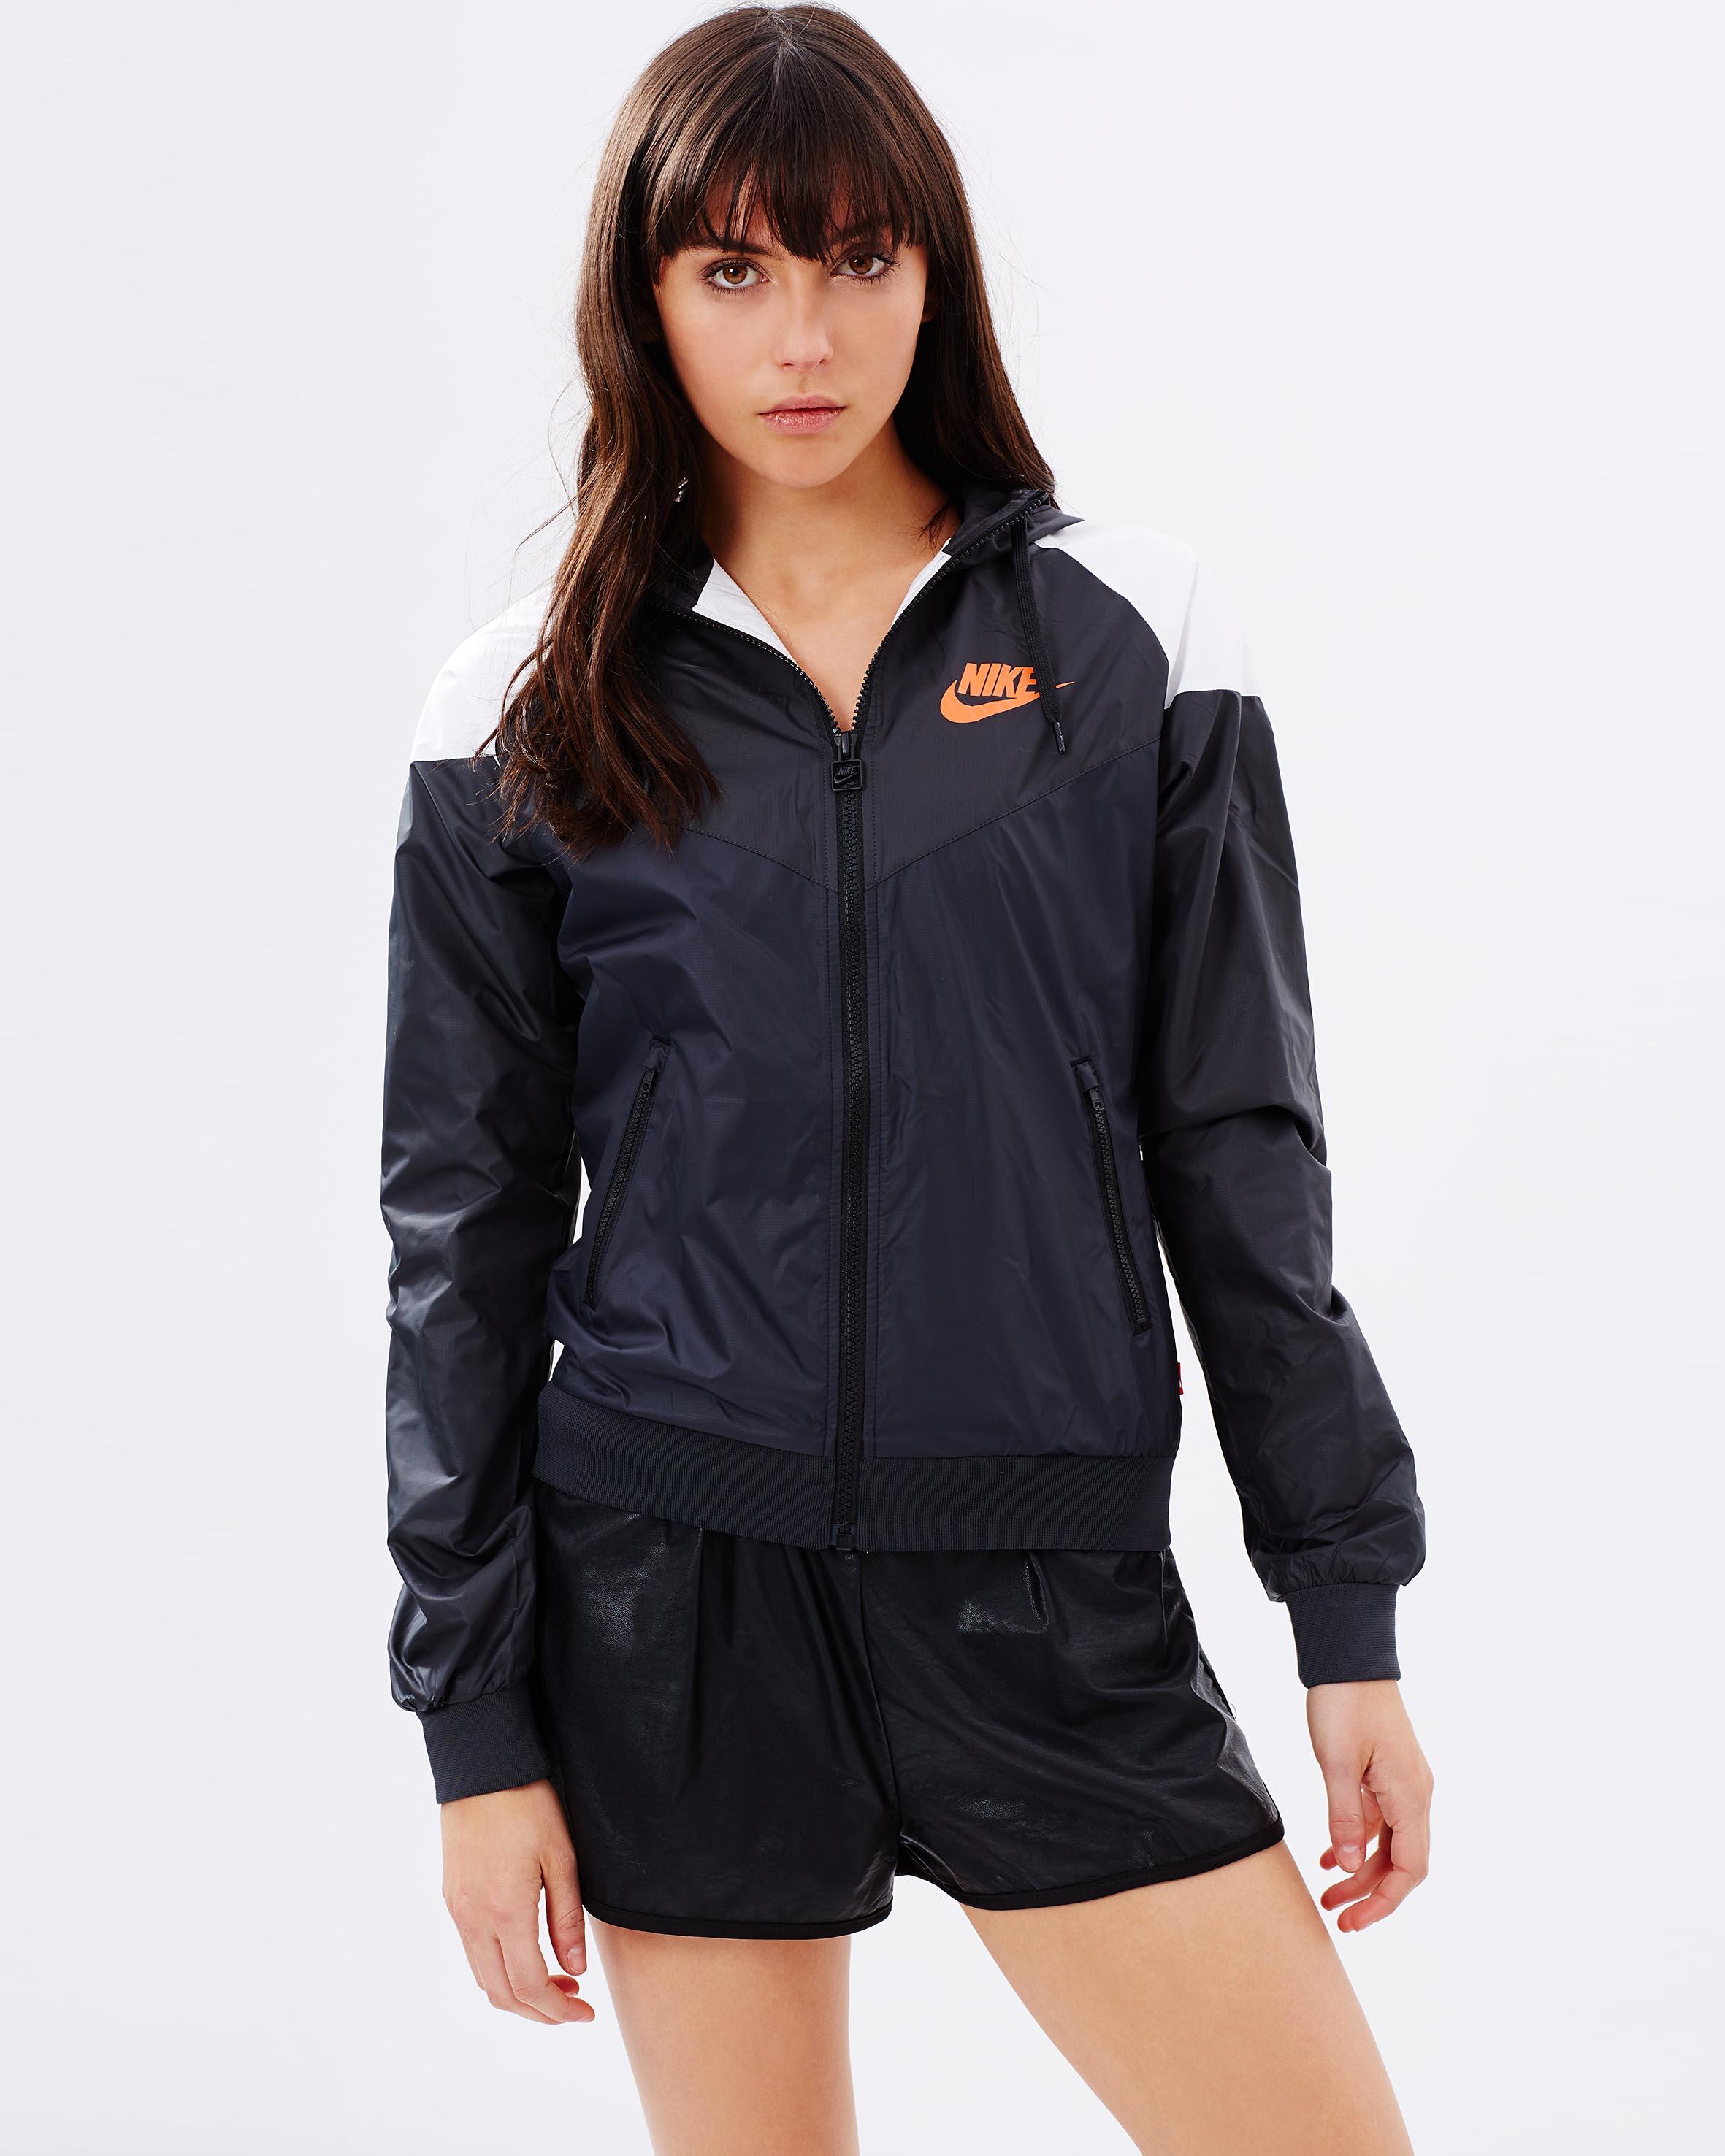 0d591294 Женские ветровки Nike. Ветровка является самым популярным видом одежды и  самым практичным. Будучи универсальной курткой, подходящей практически для  любых ...